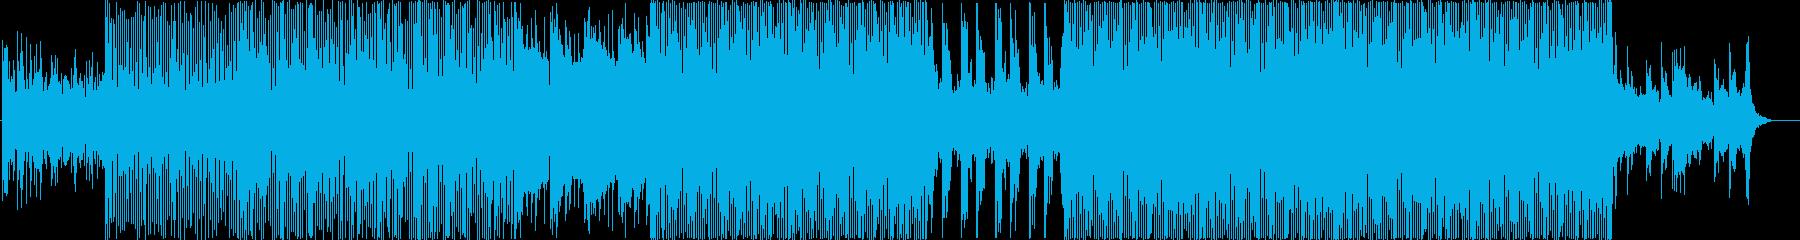 無機質なイメージのエレクトロニカ風BGMの再生済みの波形